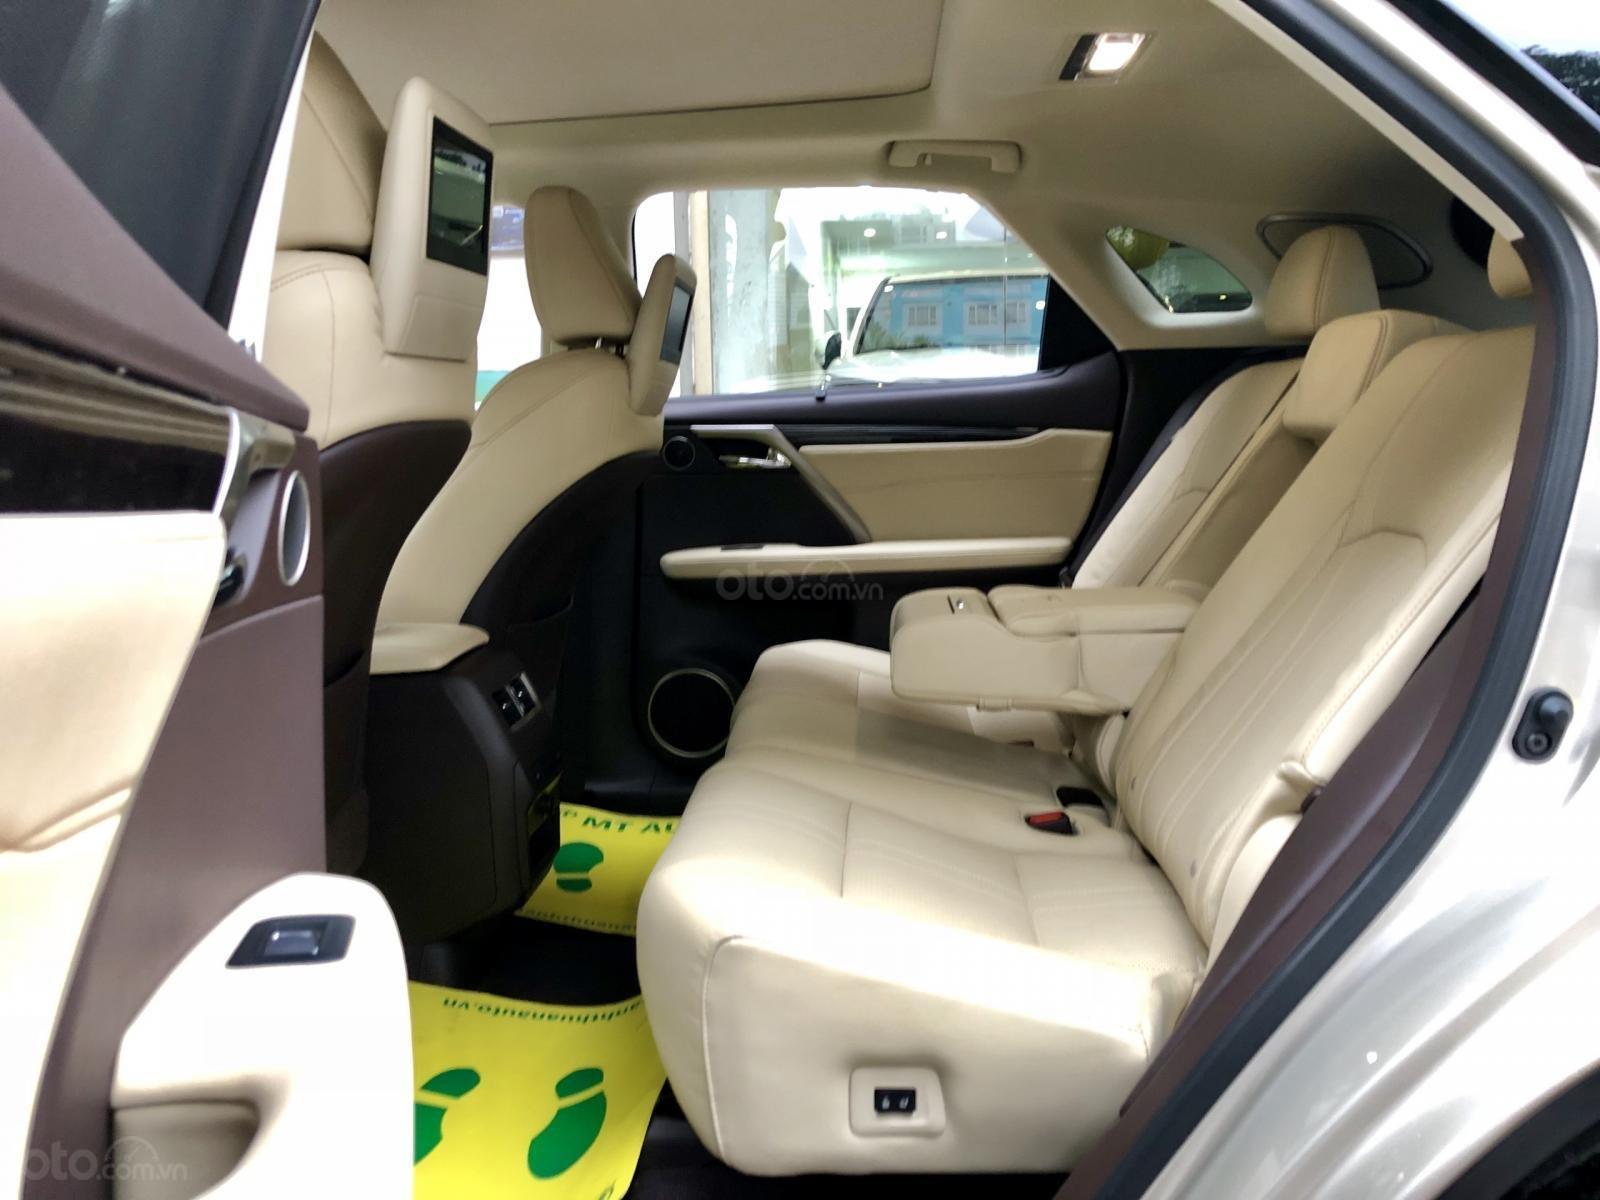 Bán ô tô Lexus RX 350 model 2019, màu vàng, nhập khẩu Mỹ- LH Ms Hương 0945.39.2468 (15)